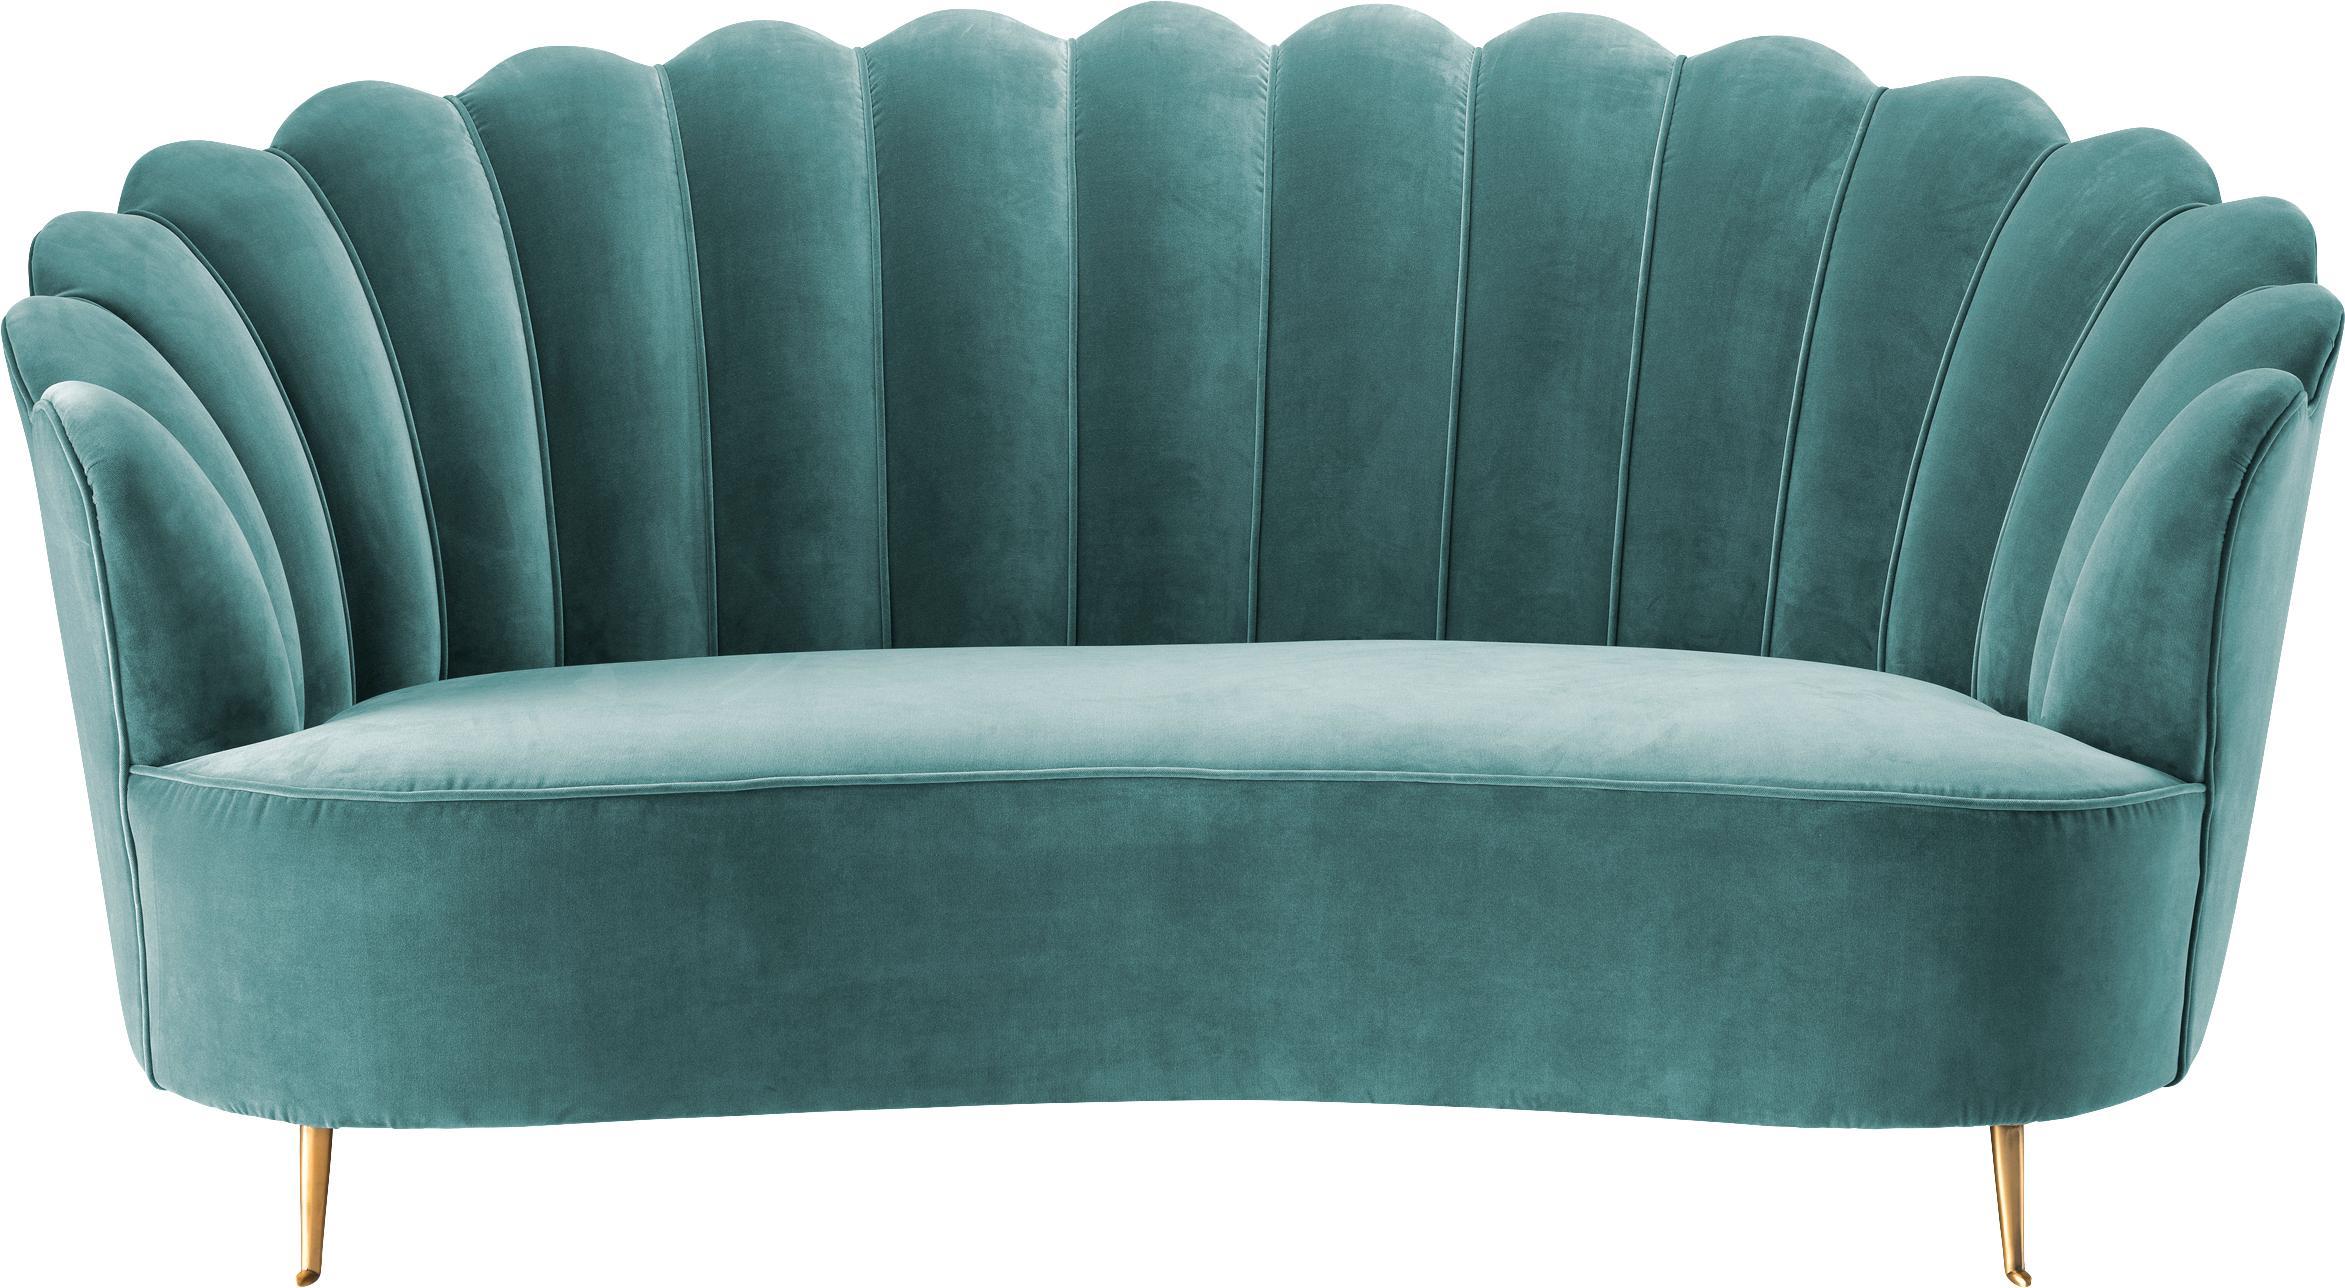 Fluwelen bank Messina (2-zits), Bekleding: 95% polyester, 5% katoen , Poten: messinggecoat edelstaal, Turquoise, B 180 x D 95 cm